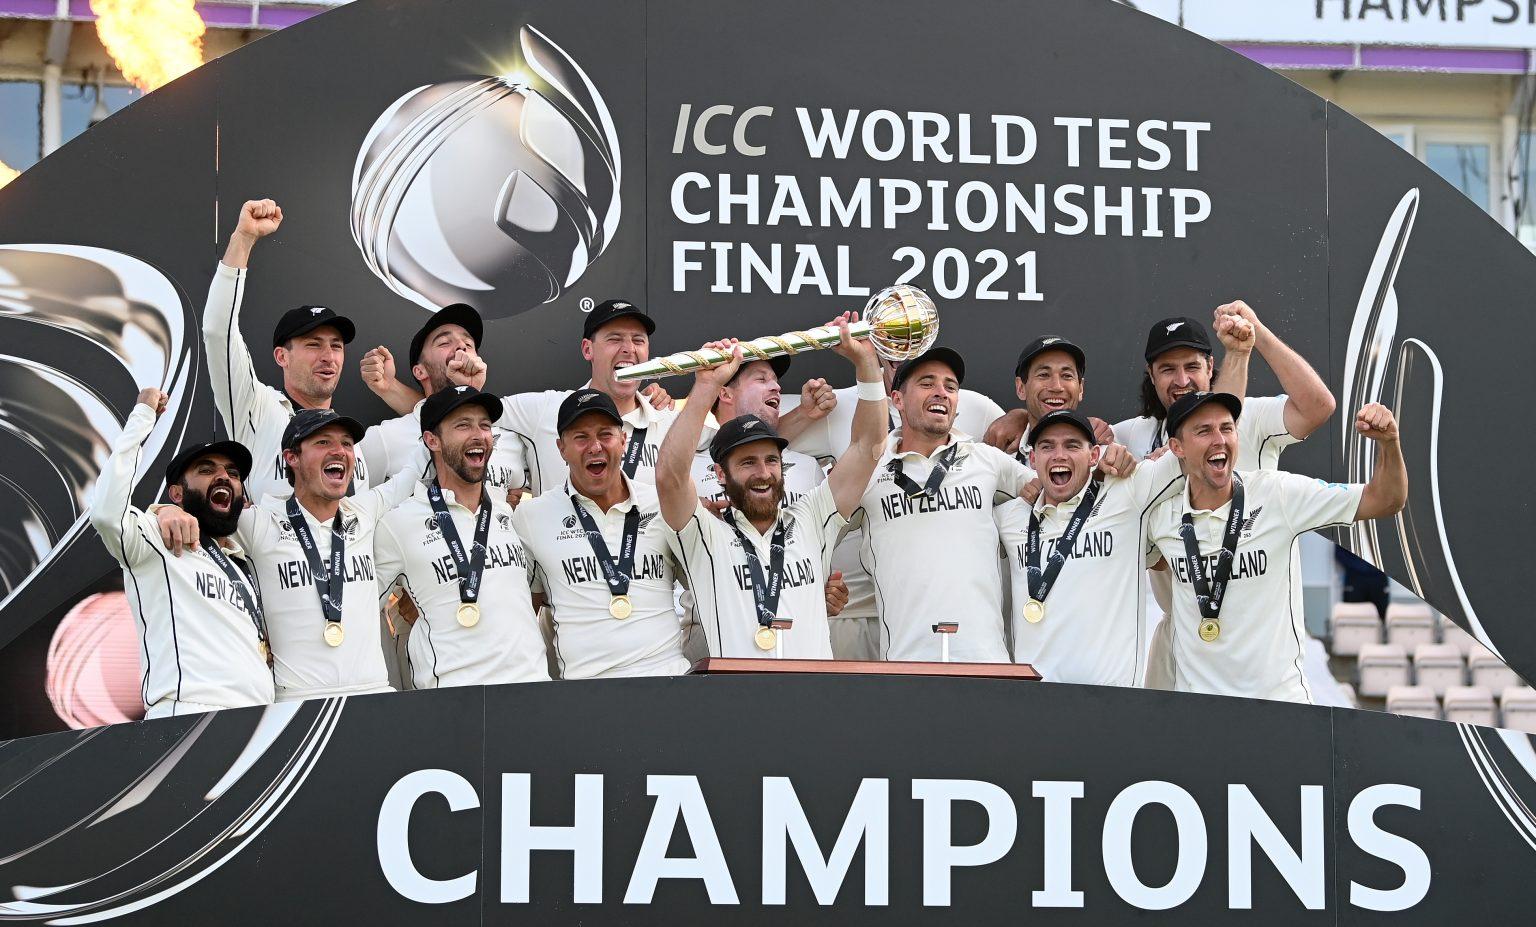 New Zealand crowned first ICC World Test Championship|ആദ്യ ഐസിസി ലോക ടെസ്റ്റ് ചാമ്പ്യൻഷിപ്പിൽ ന്യൂസിലൻഡ് കിരീടം ചൂടി_40.1